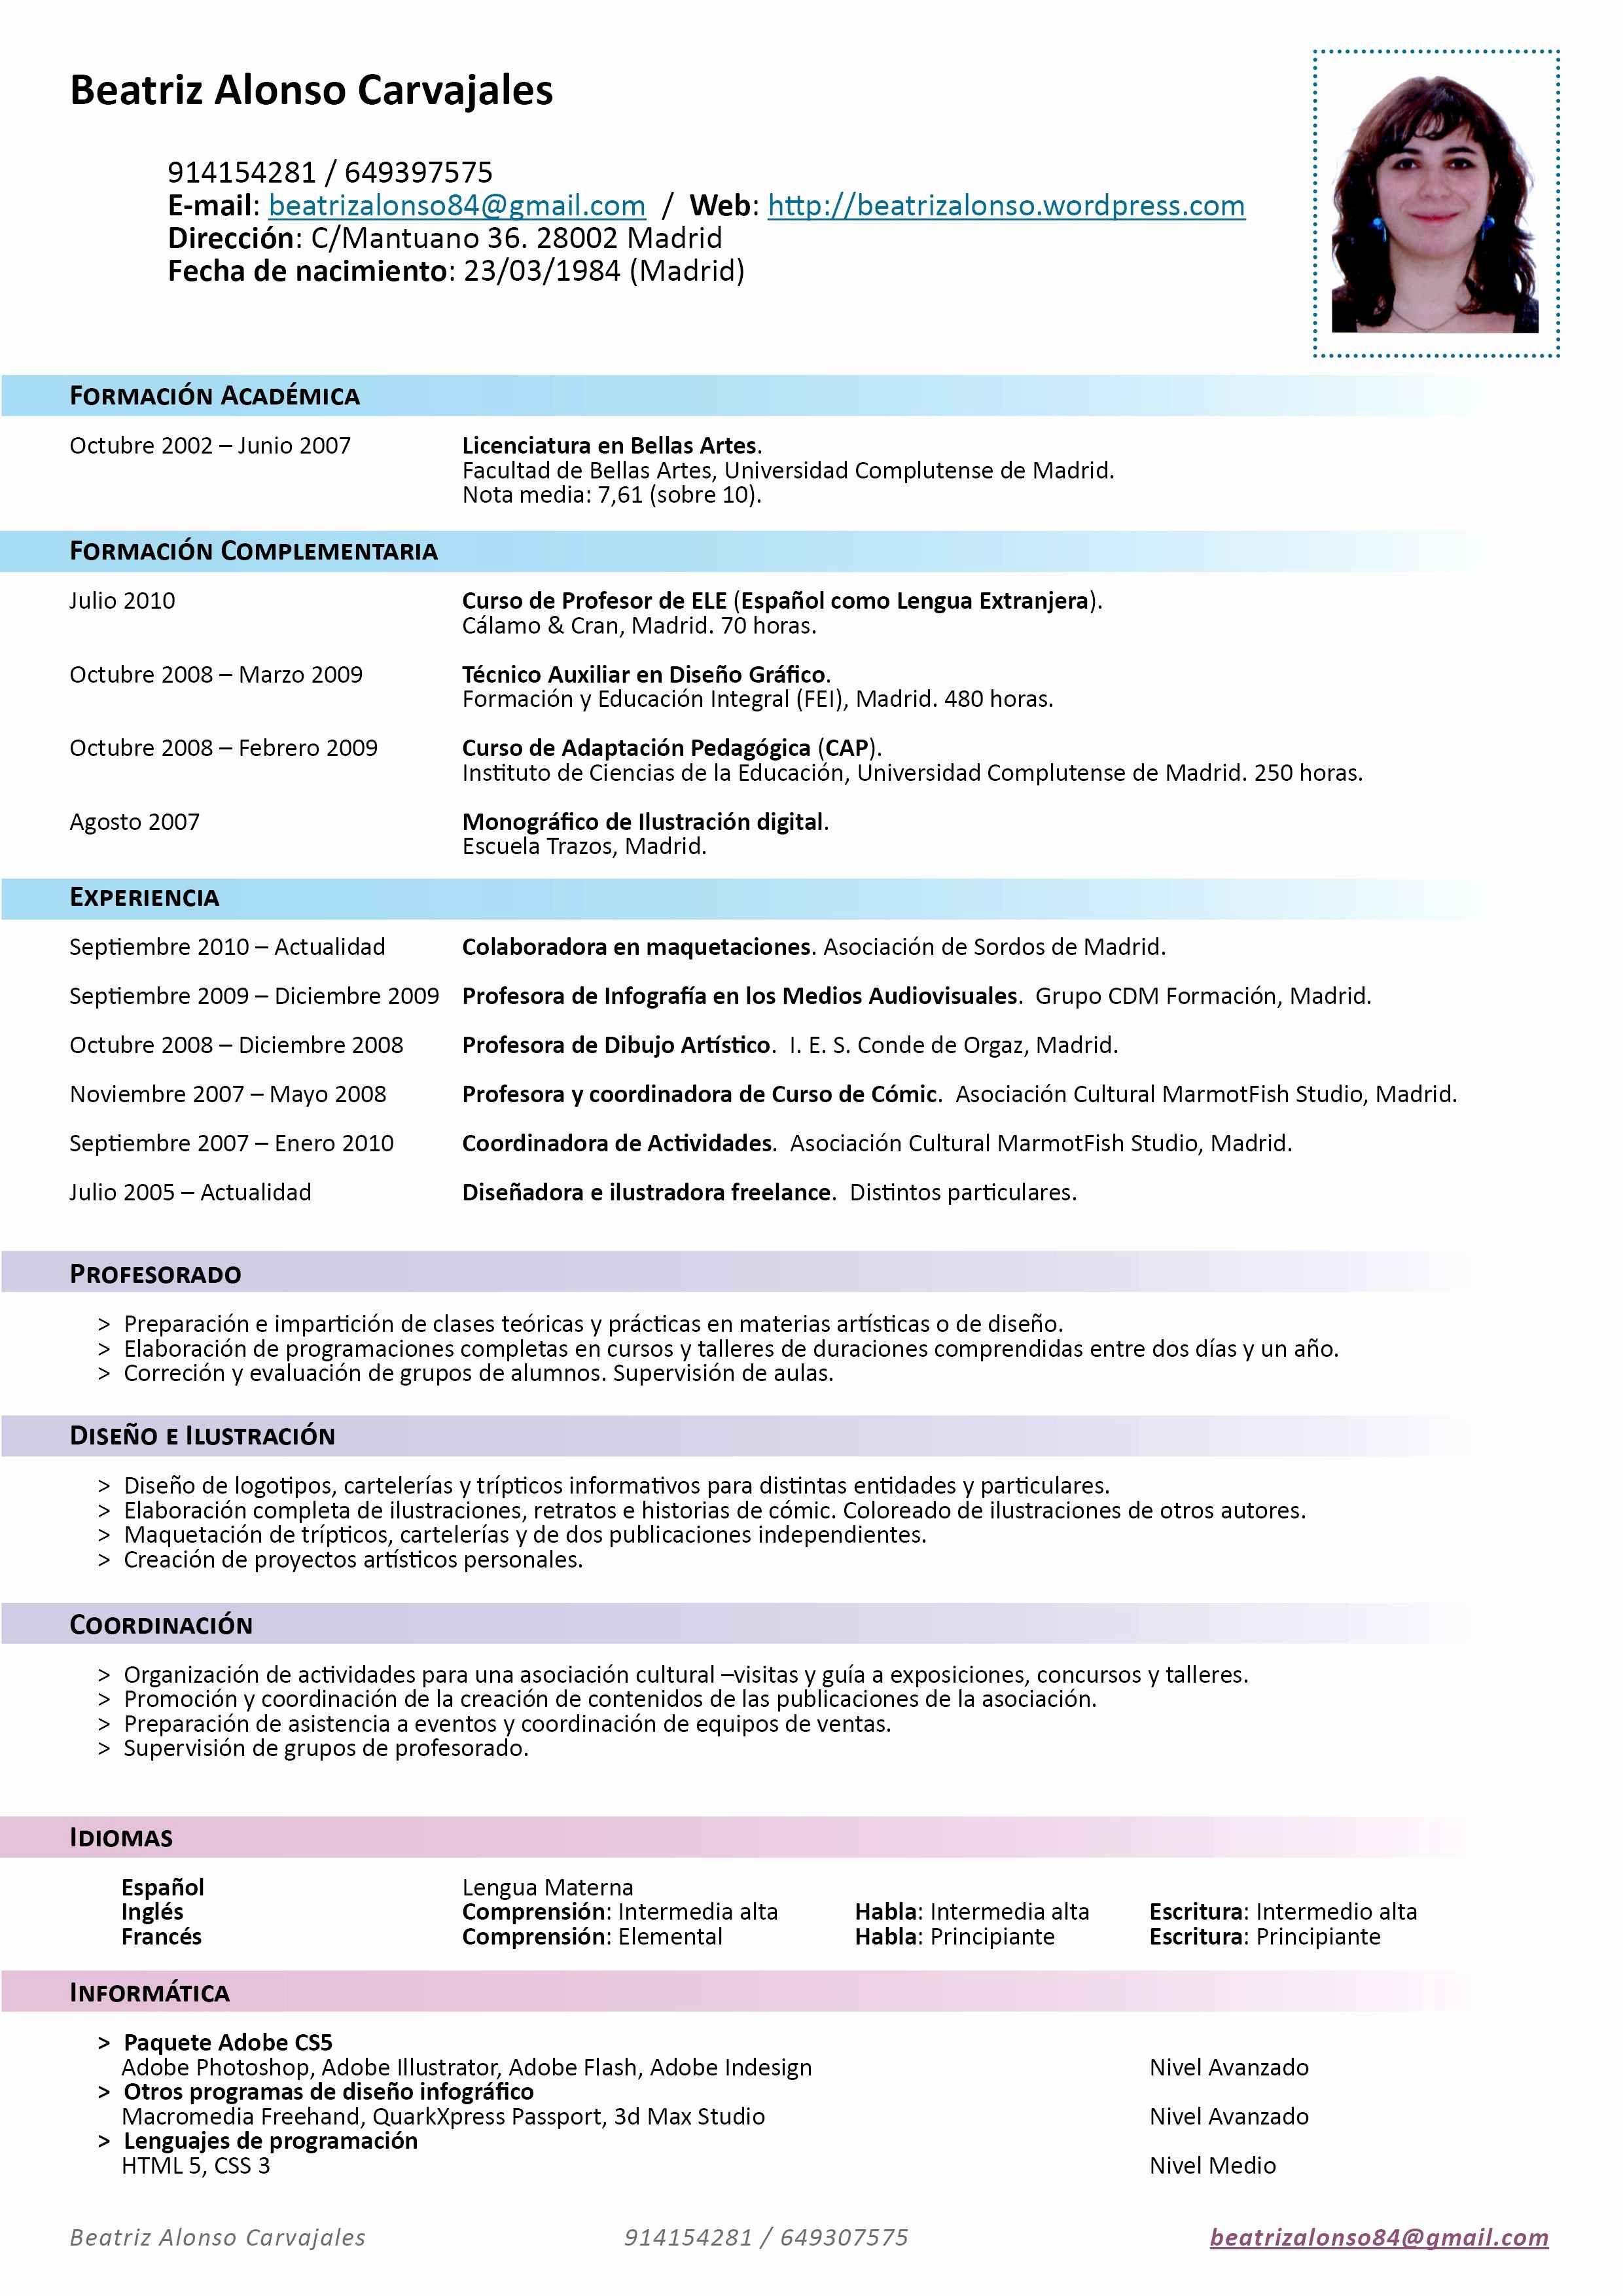 ejemplos de resume de trabajo luxury ejemplo curriculum vitae espa u00b1a  u2013 zooz1 plantillas